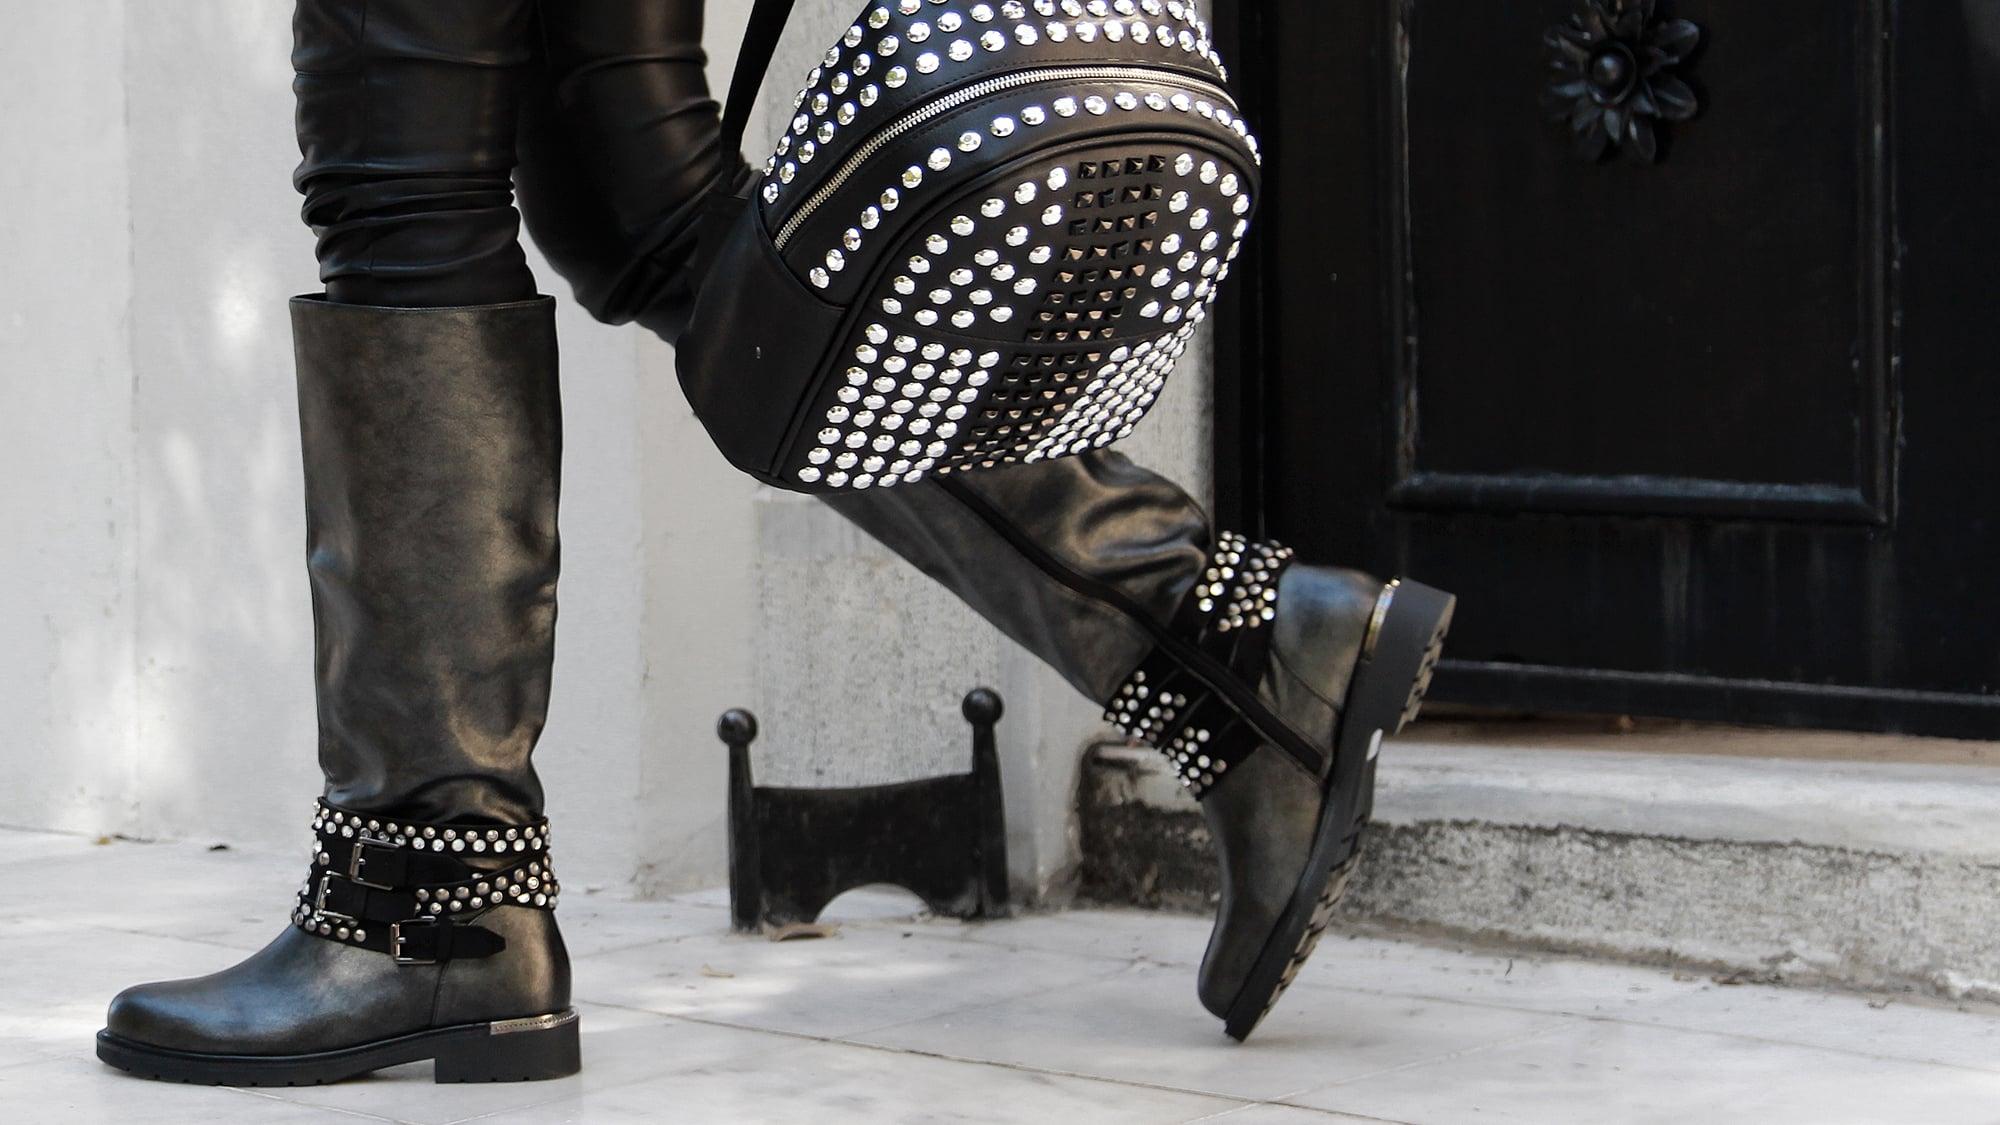 Αναδείξτε τη δυναμική κομψότητά σας με Biker Boots